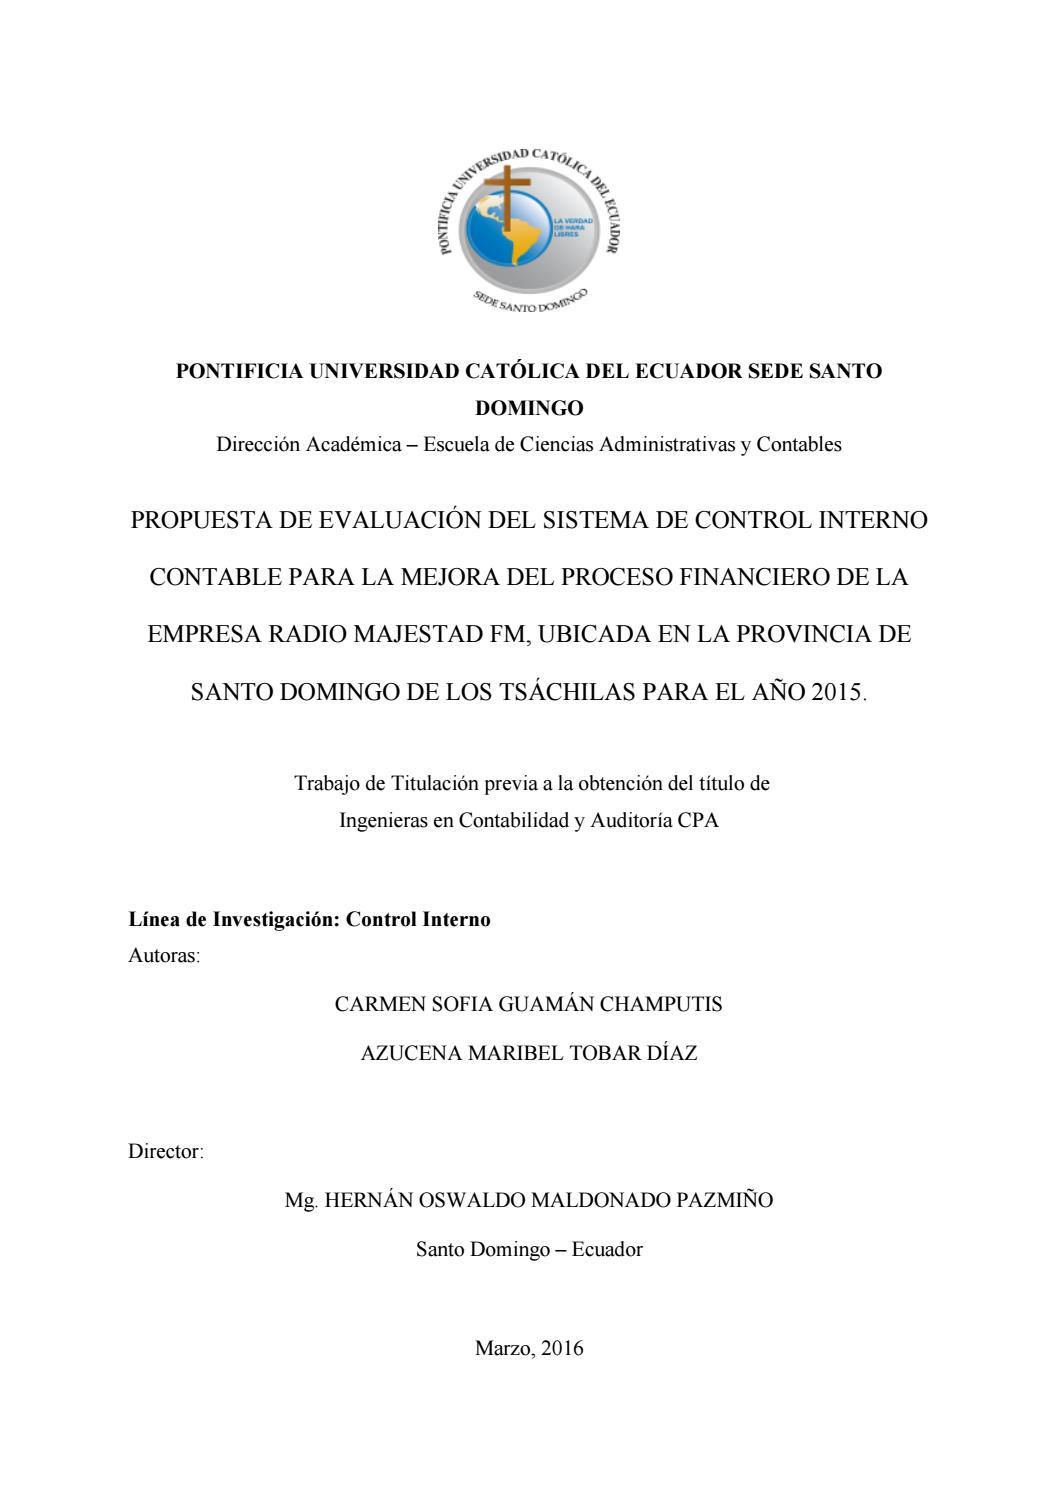 Propuesta de evaluación del sistema de control interno contable para ...